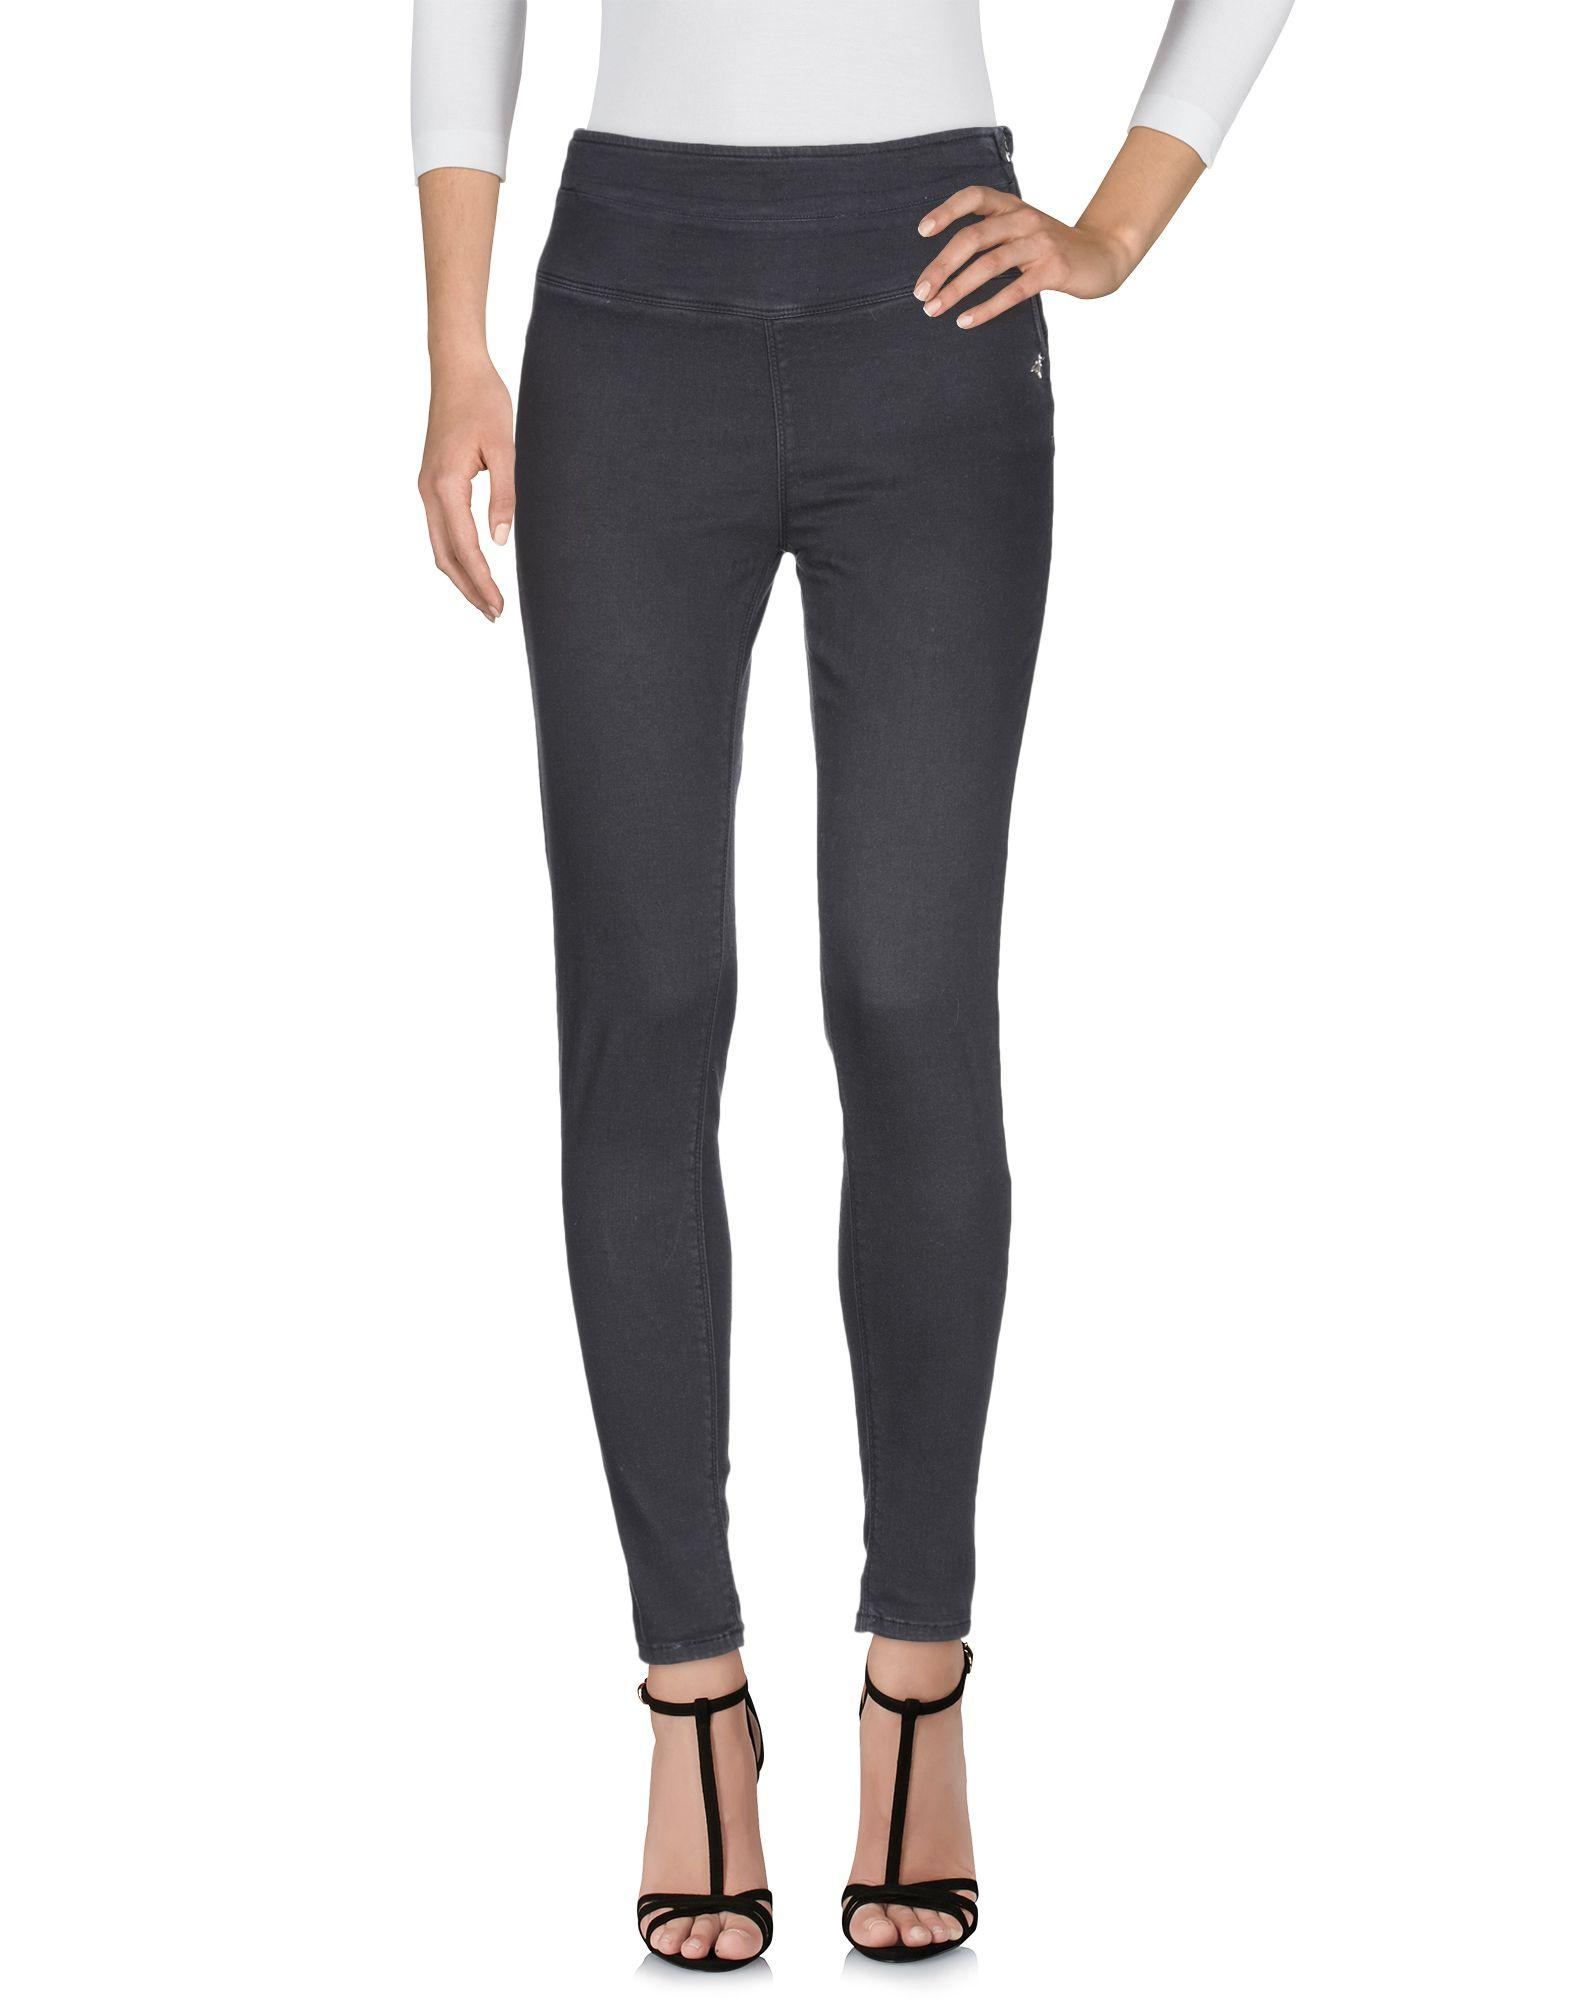 Pantaloni Jeans Patrizia Pepe donna - 13221143HN 13221143HN 13221143HN e58